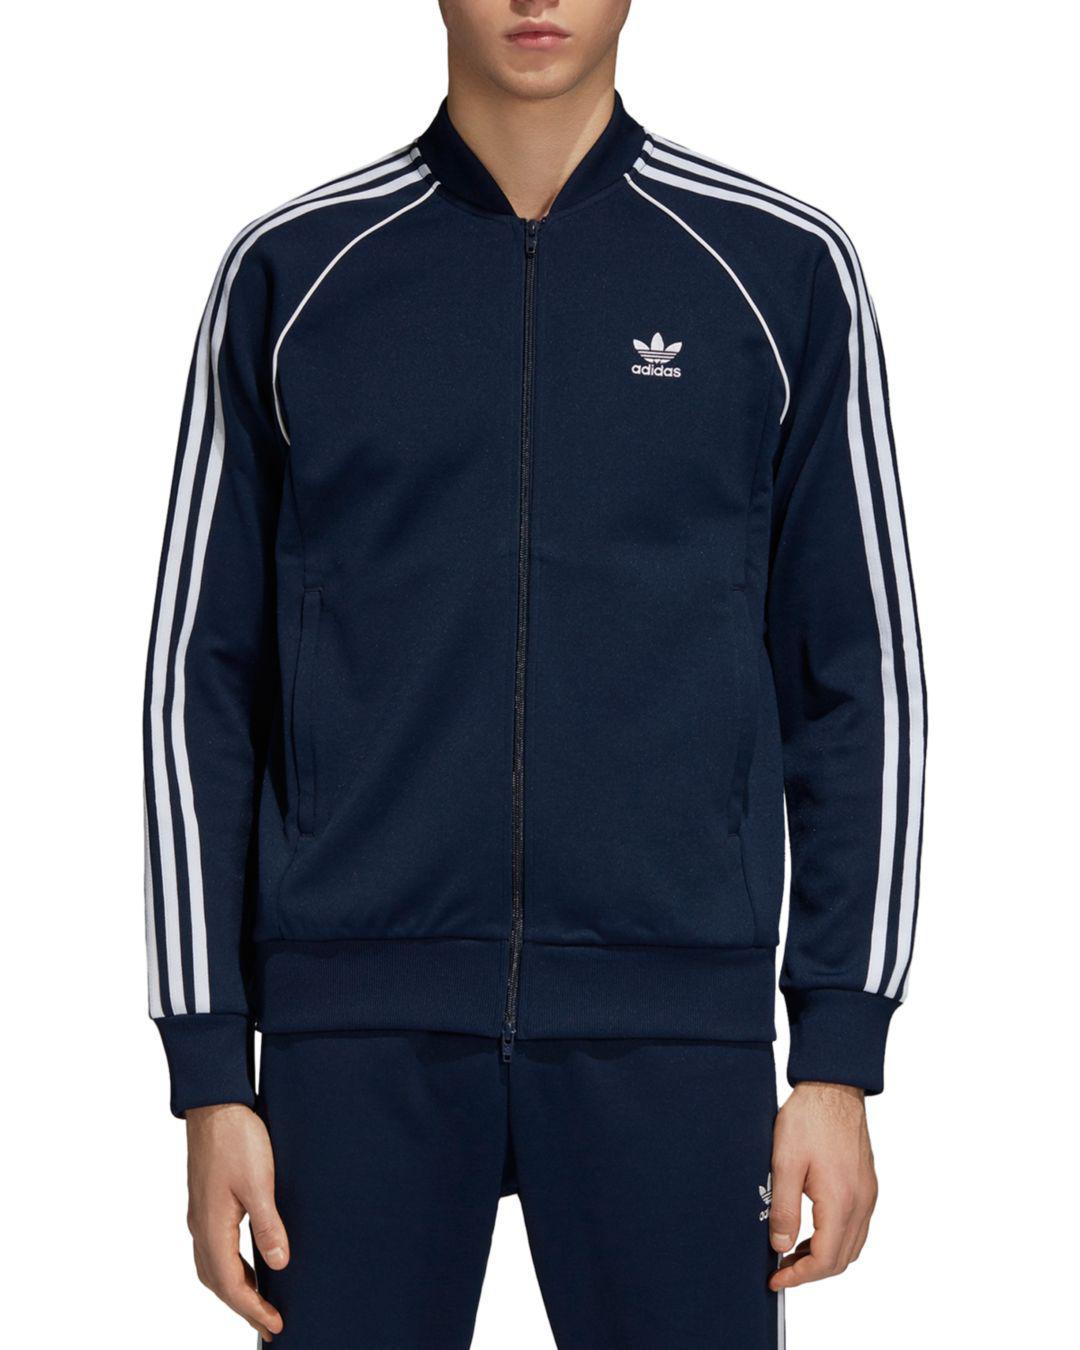 Adidas Originals Superstar Track chaqueta en azul para los hombres Lyst